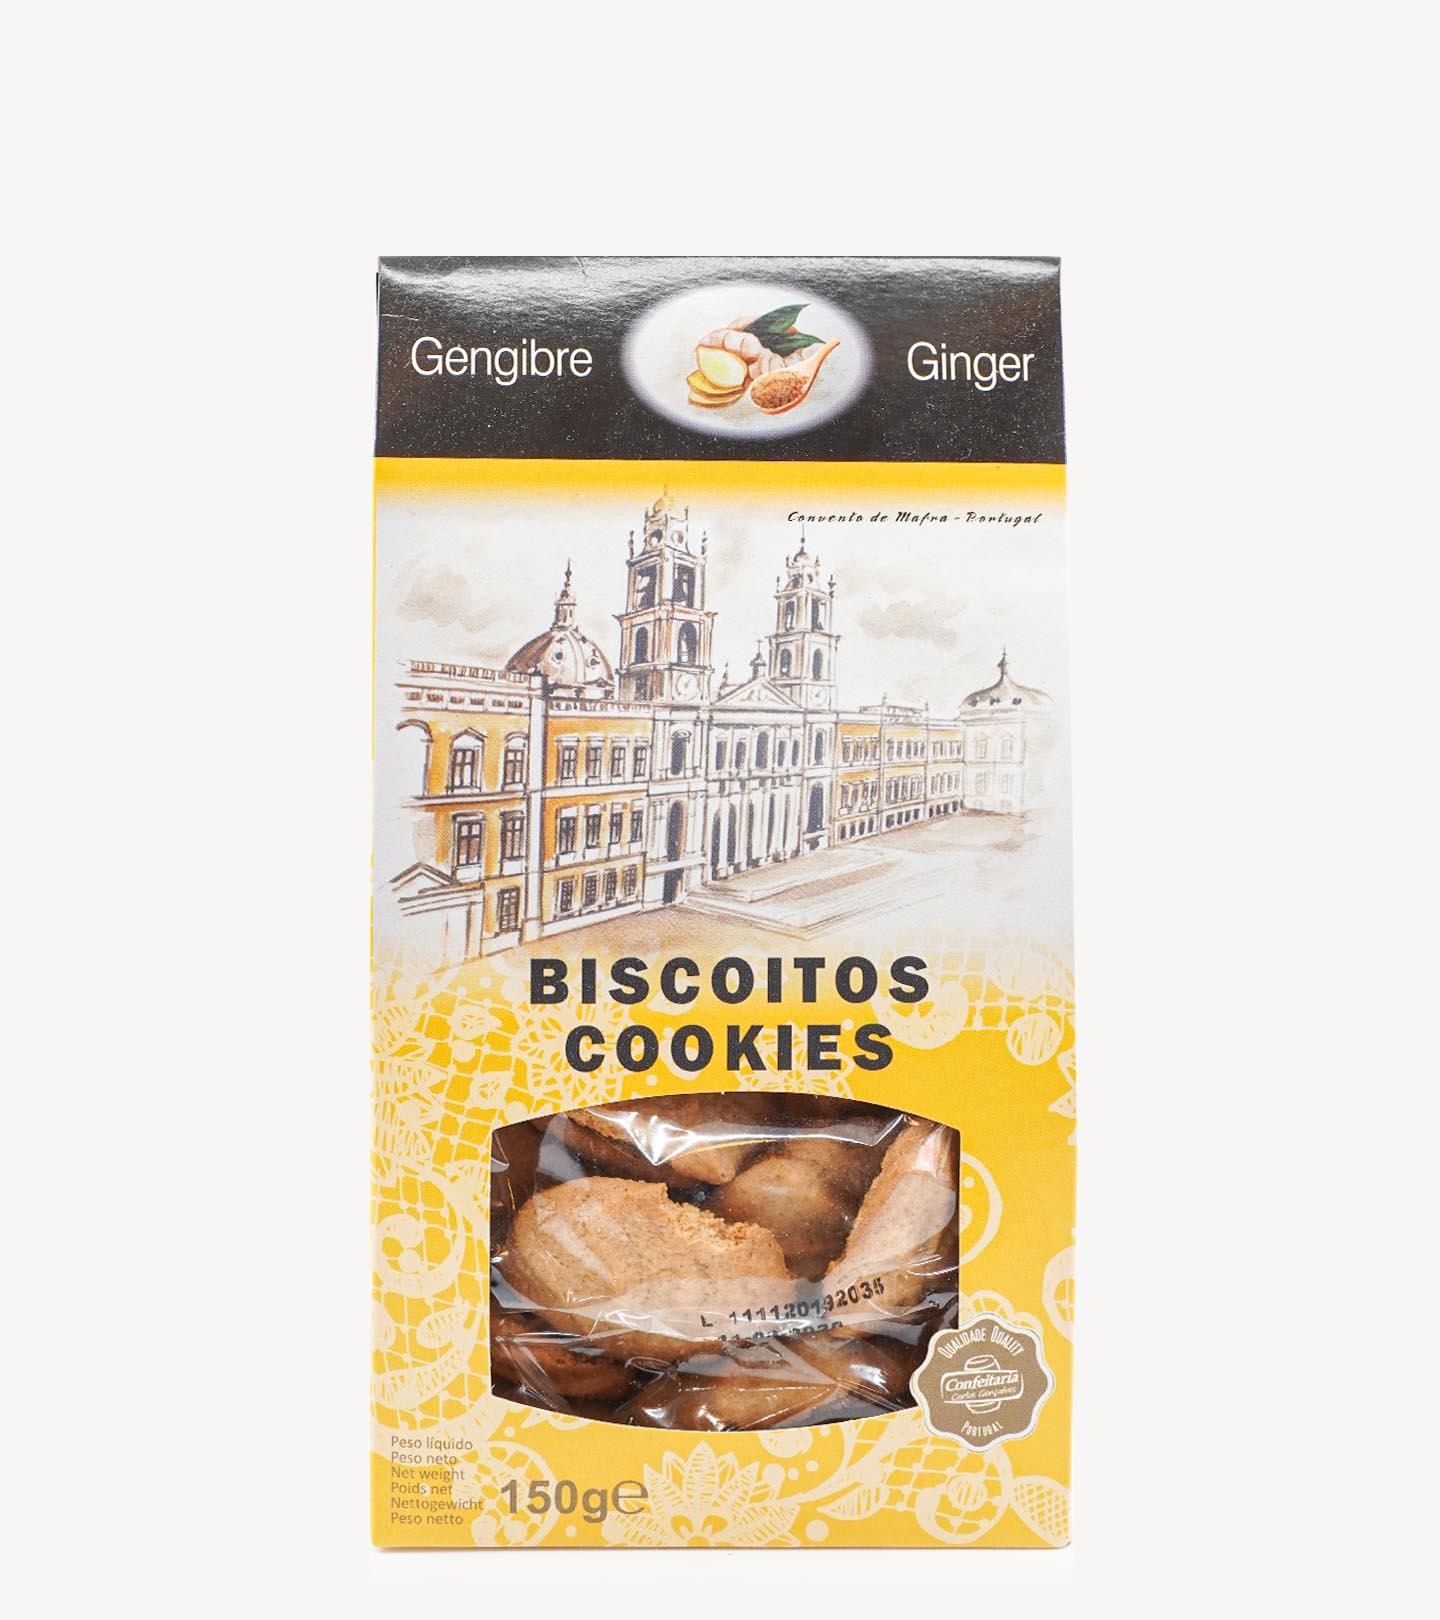 Biscoitos de Gengibre Confeitaria Carlos Gonçalves 150 g